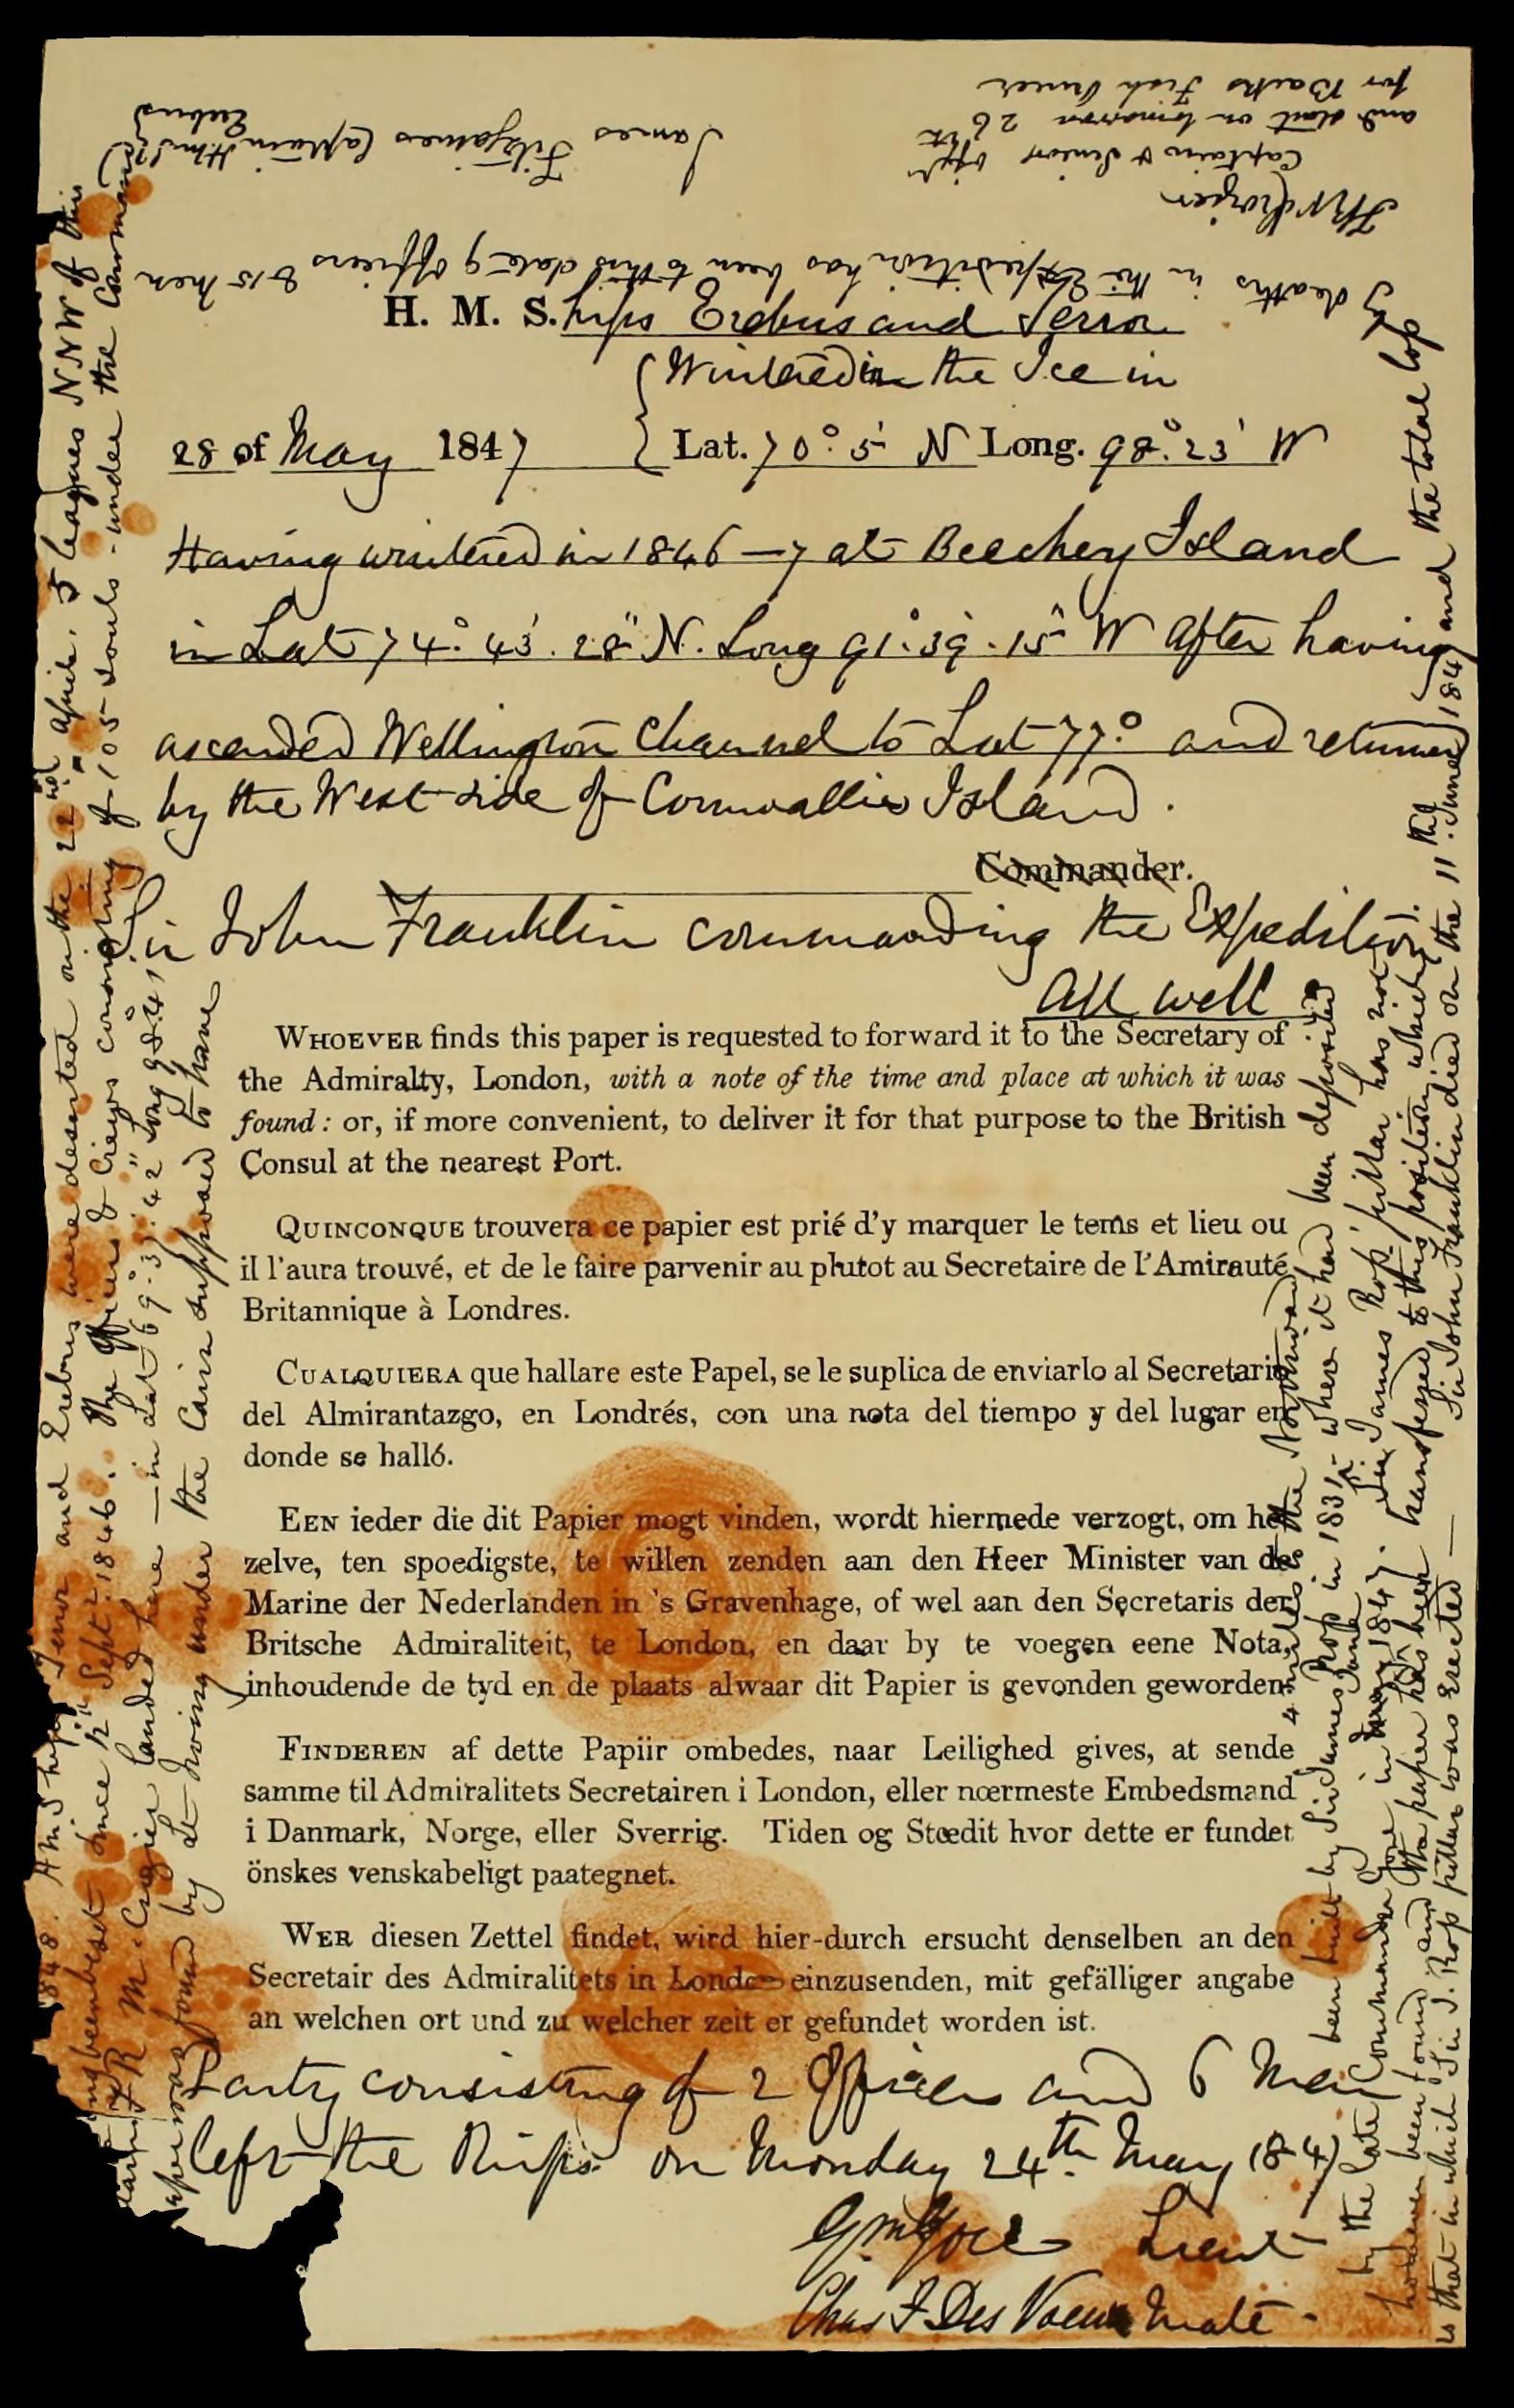 Реальна та сама записка з експедиції Франкліна